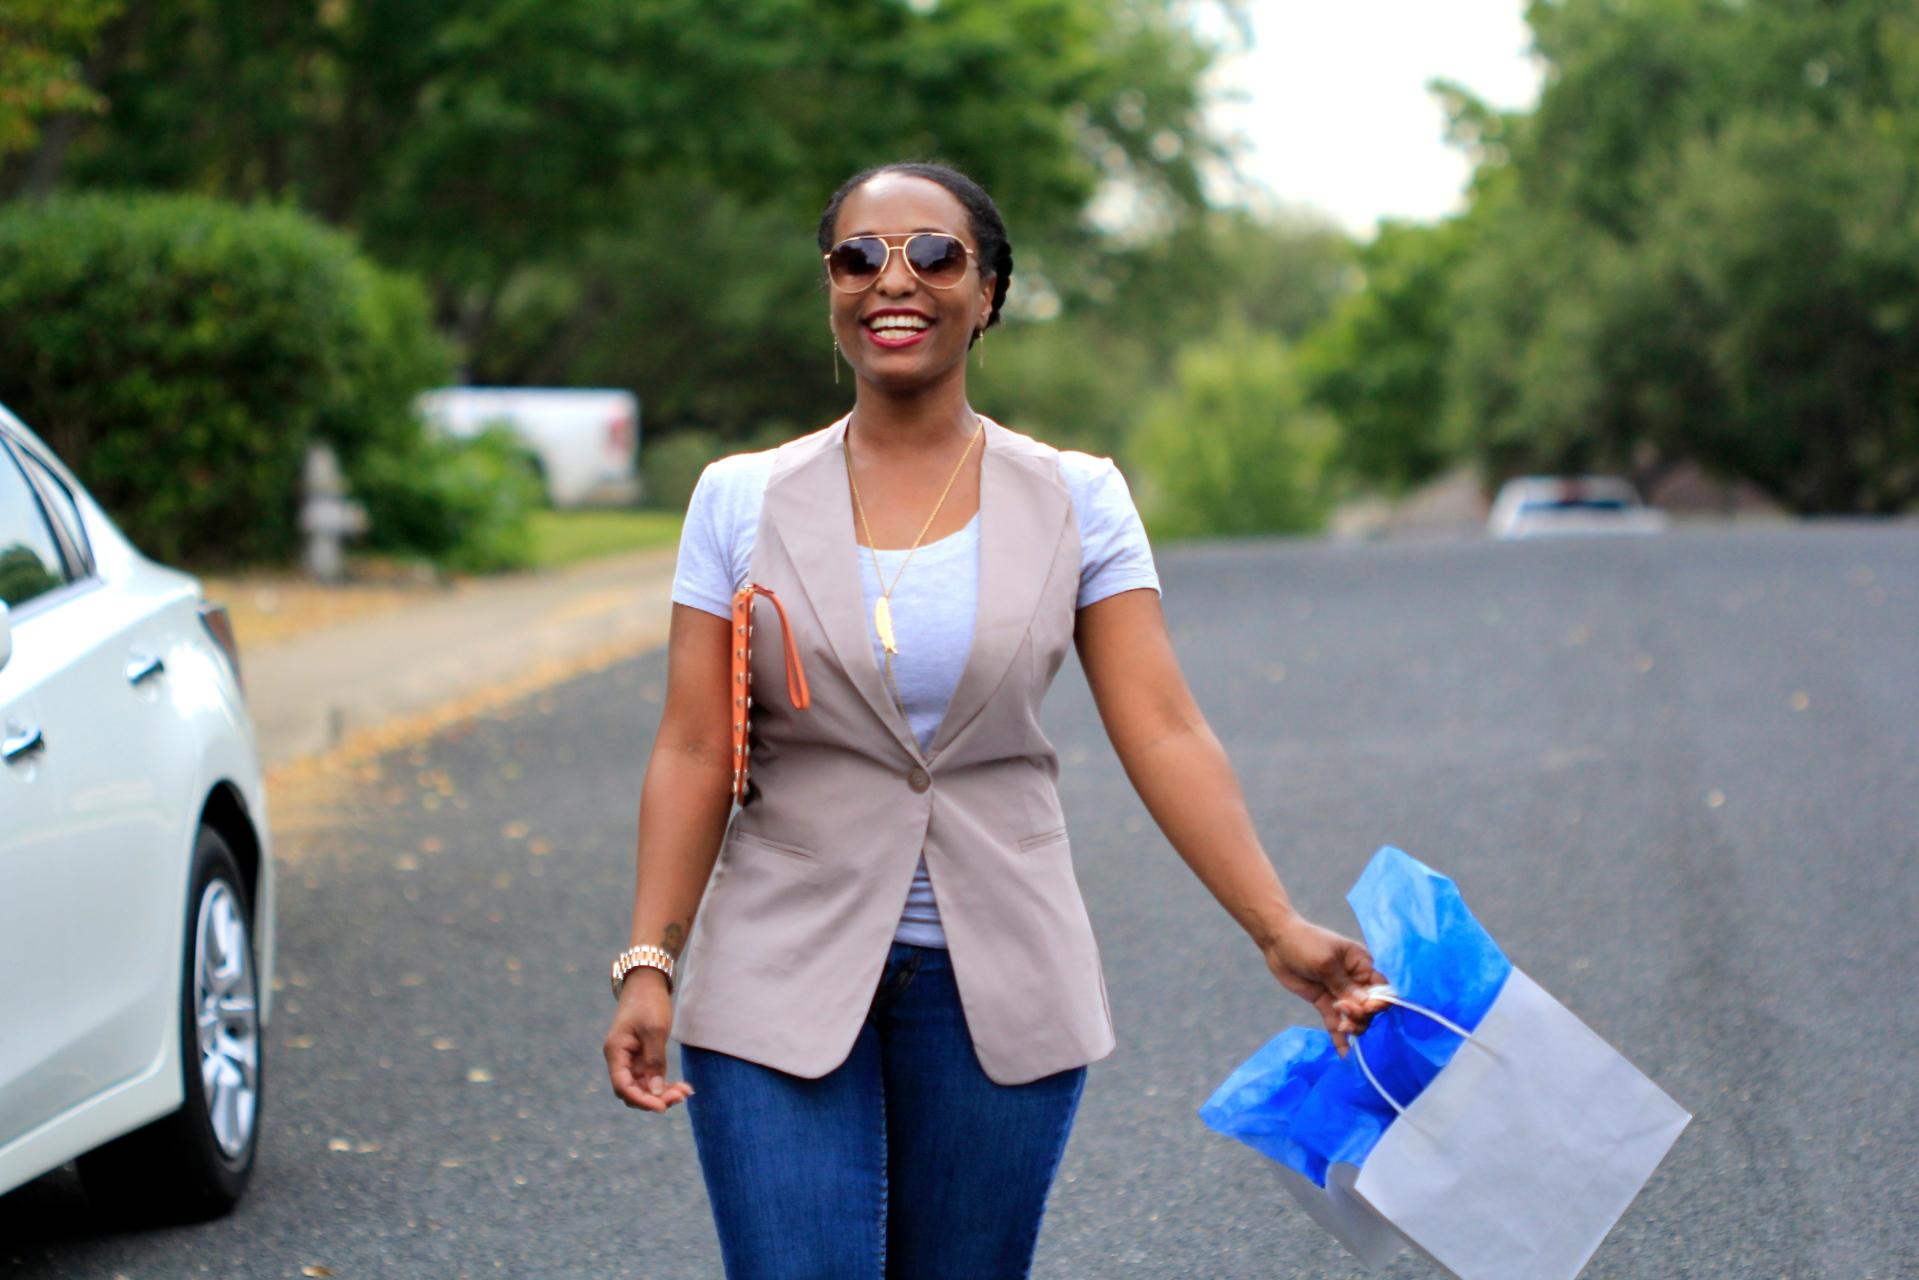 black women shopping